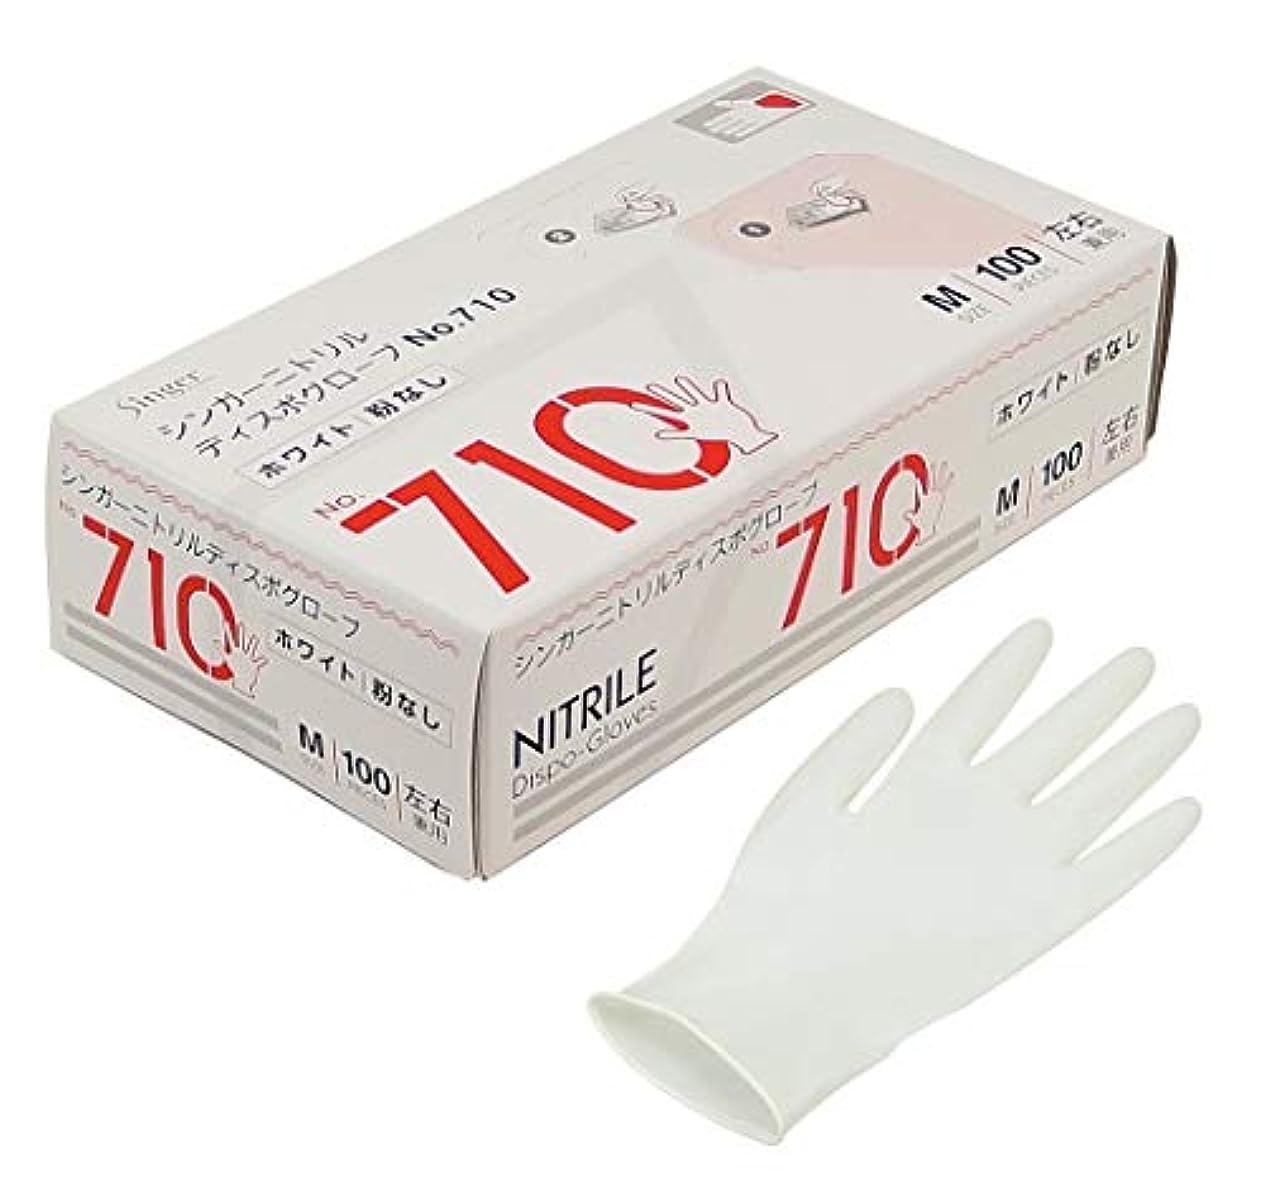 居心地の良いスタジオ仲間、同僚シンガー ニトリルディスポグローブ(手袋) No.710 ホワイト パウダーフリー(100枚) M